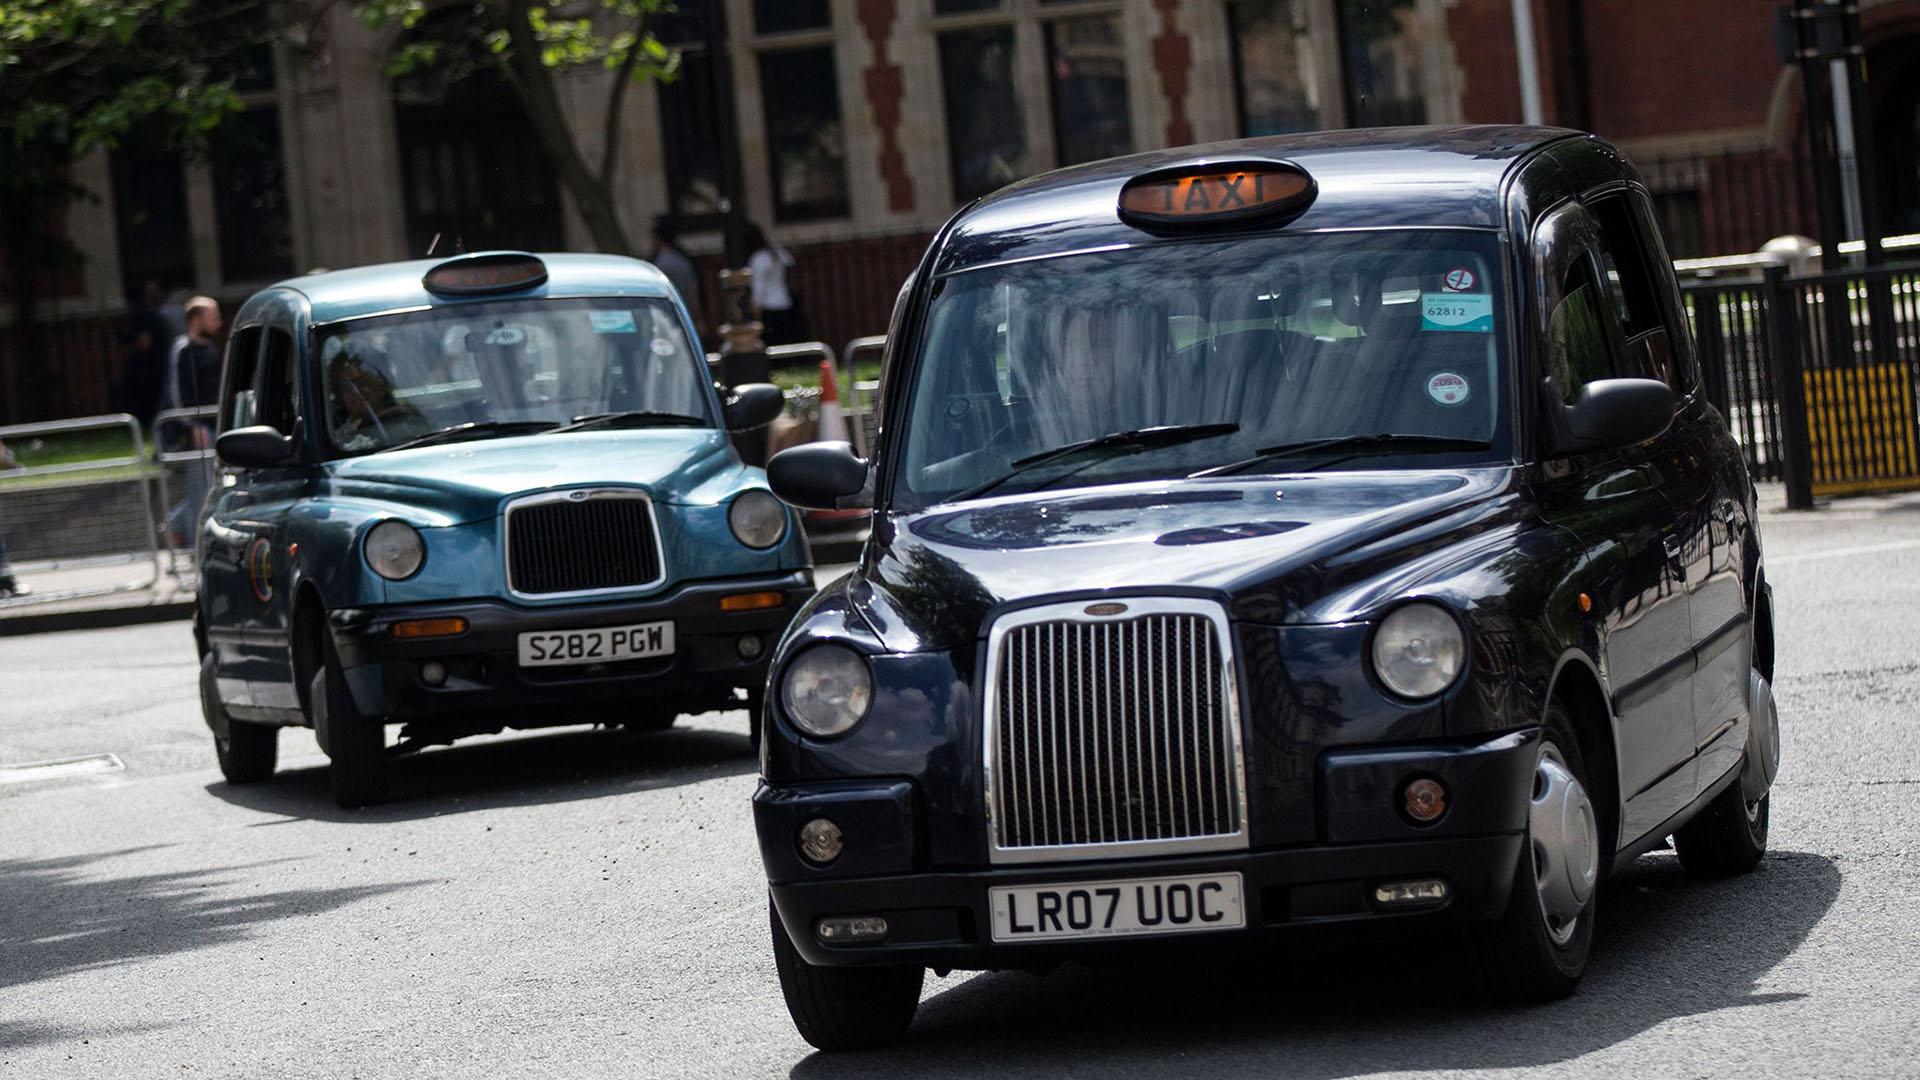 Как повлияло ослабление ковид-ограничений на индустрию такси в Великобритании?